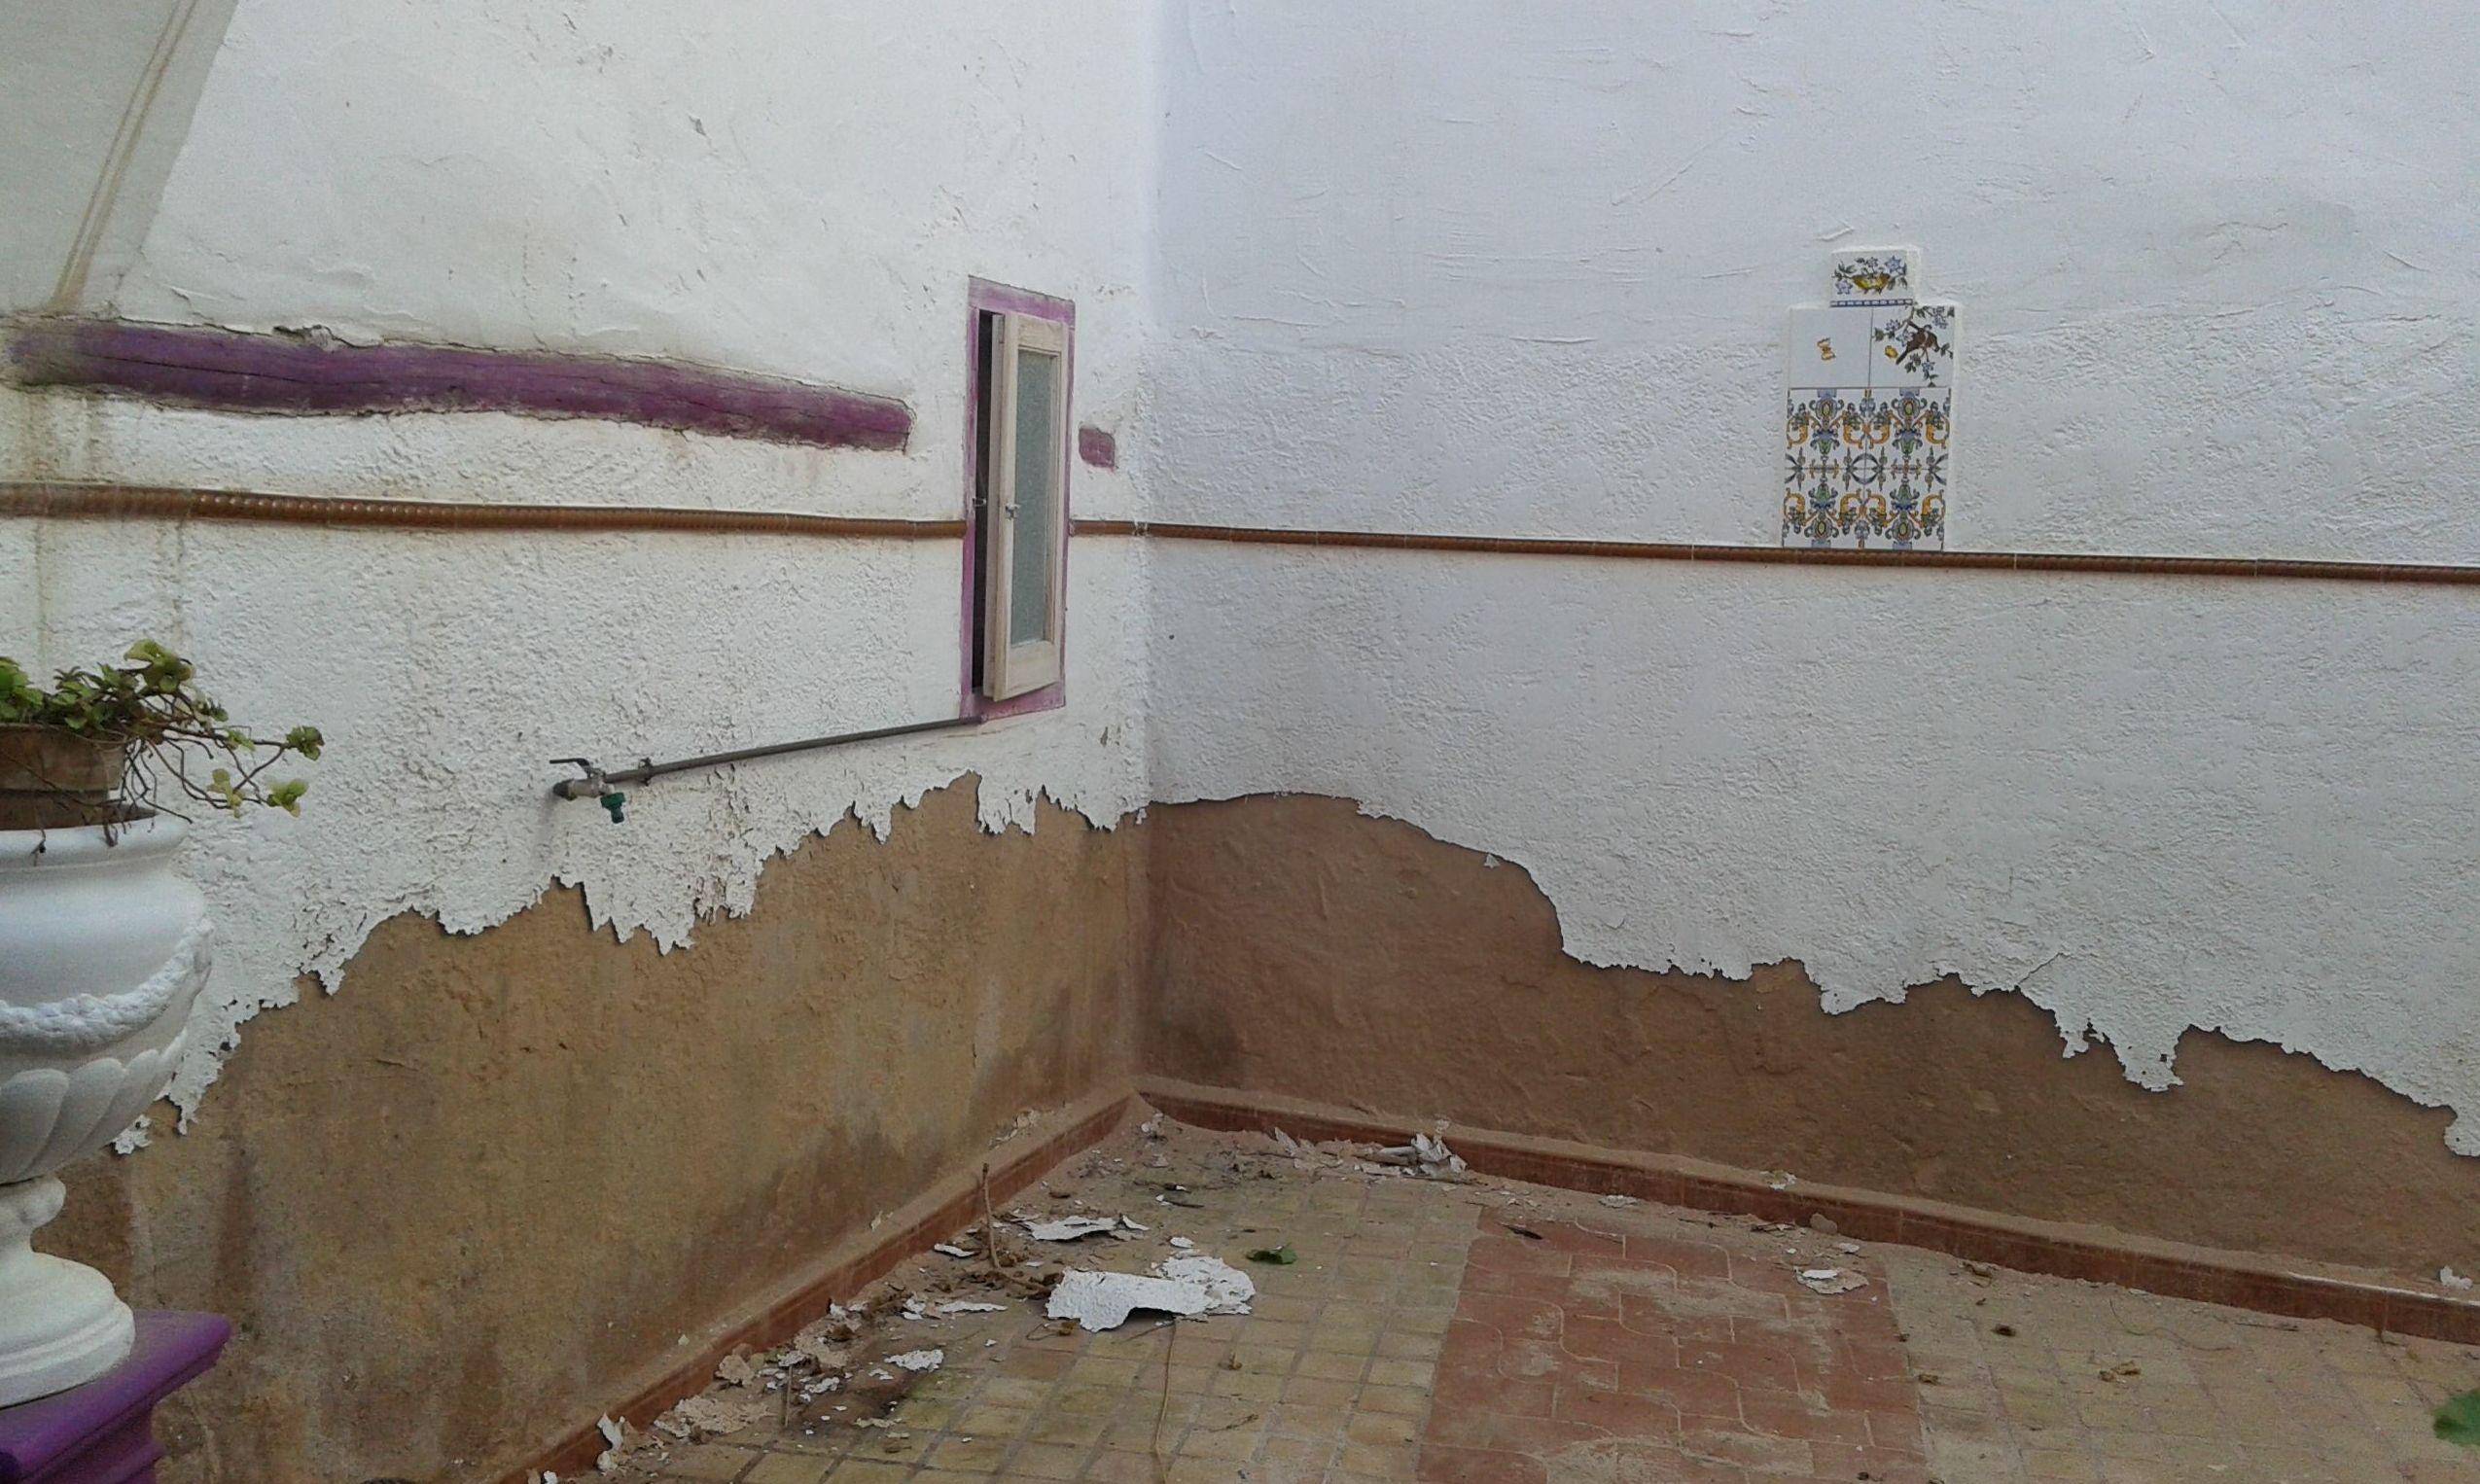 PATIO DE CASA RURAL CON HUMEDADES, EN  LOSA DEL OBISPO ( VALENCIA )